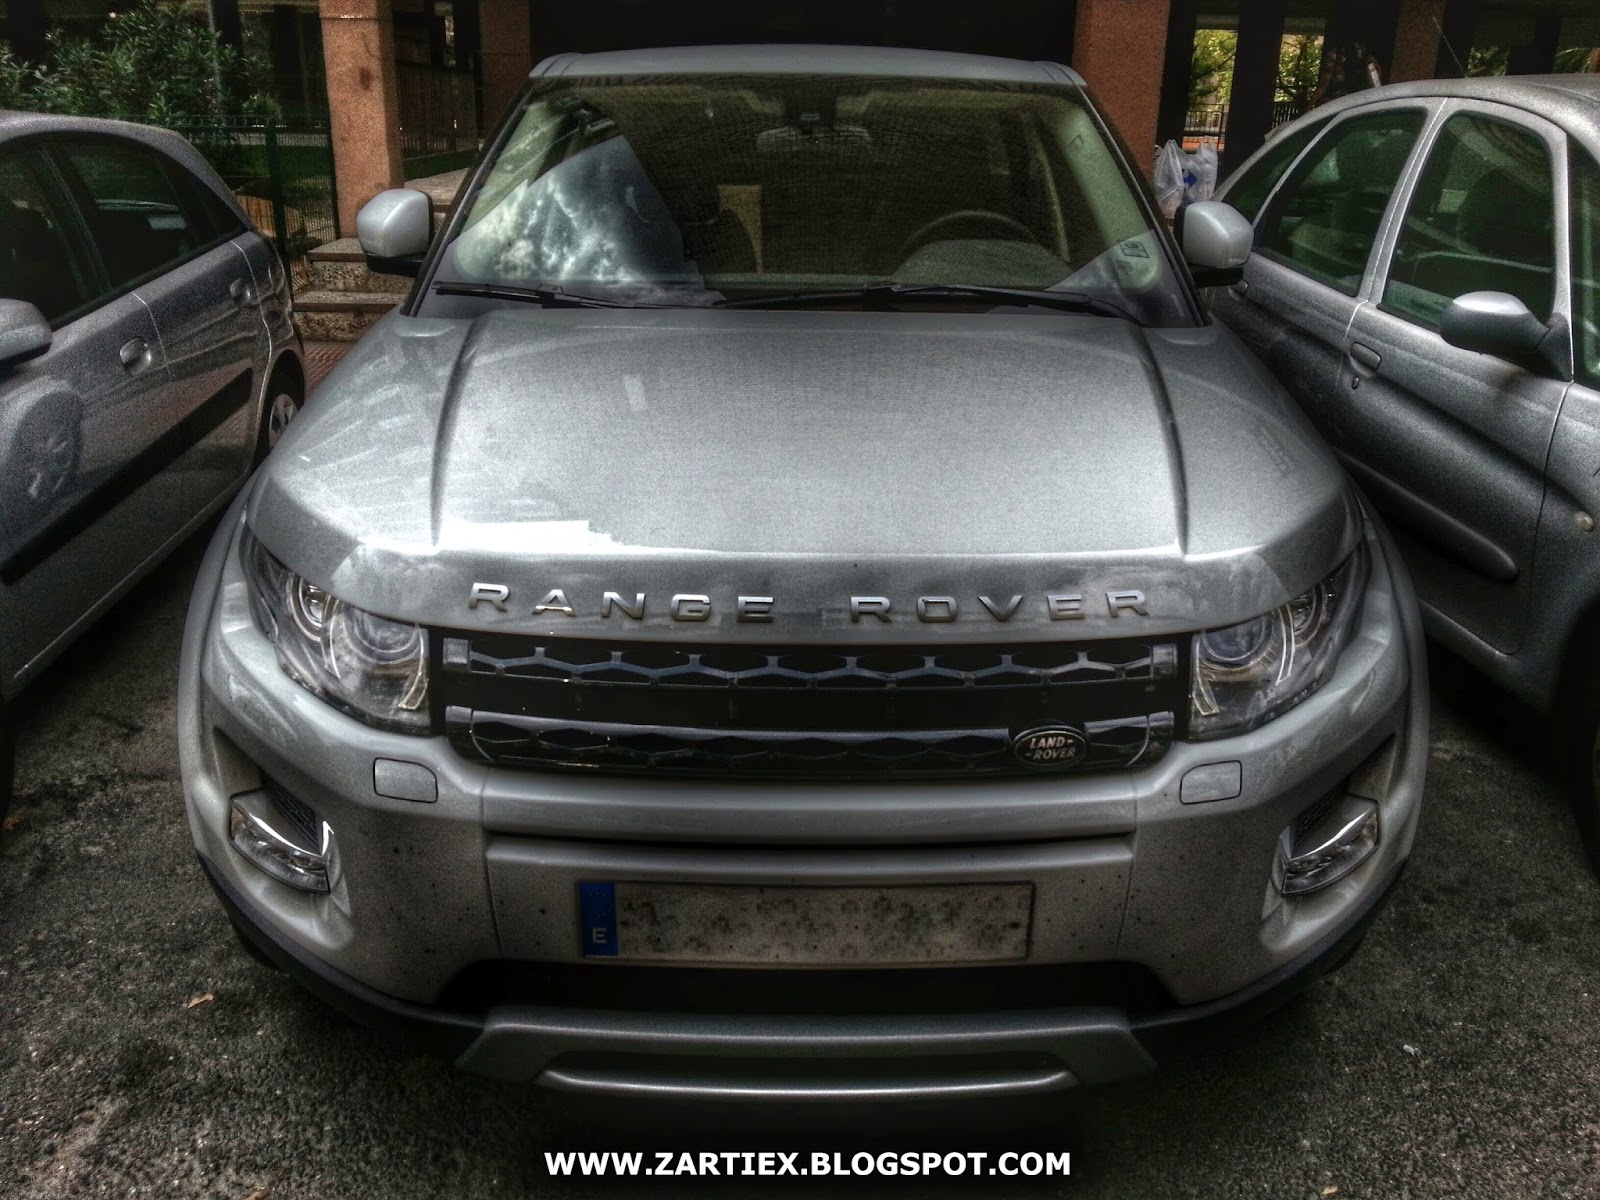 Auto Insurance Florida Range Rover Evoque TD AW - Cheap range rover insurance